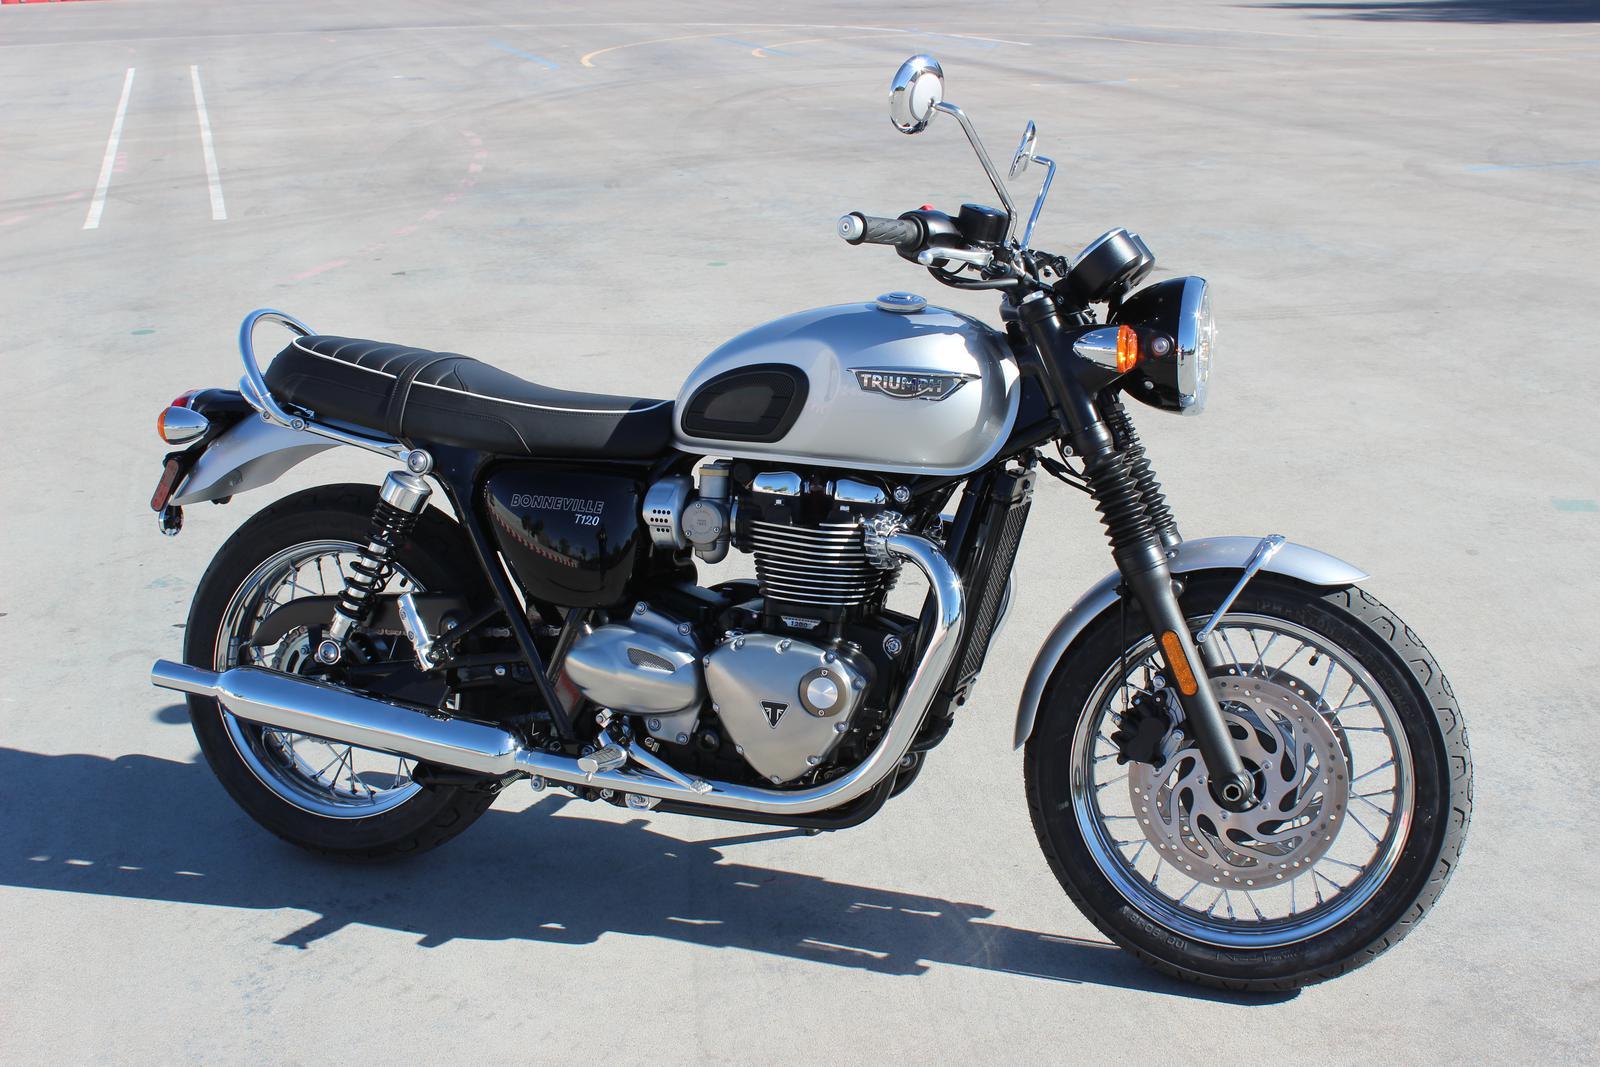 2018 Triumph Bonneville T120 (Color) for sale in Scottsdale, AZ | GO ...